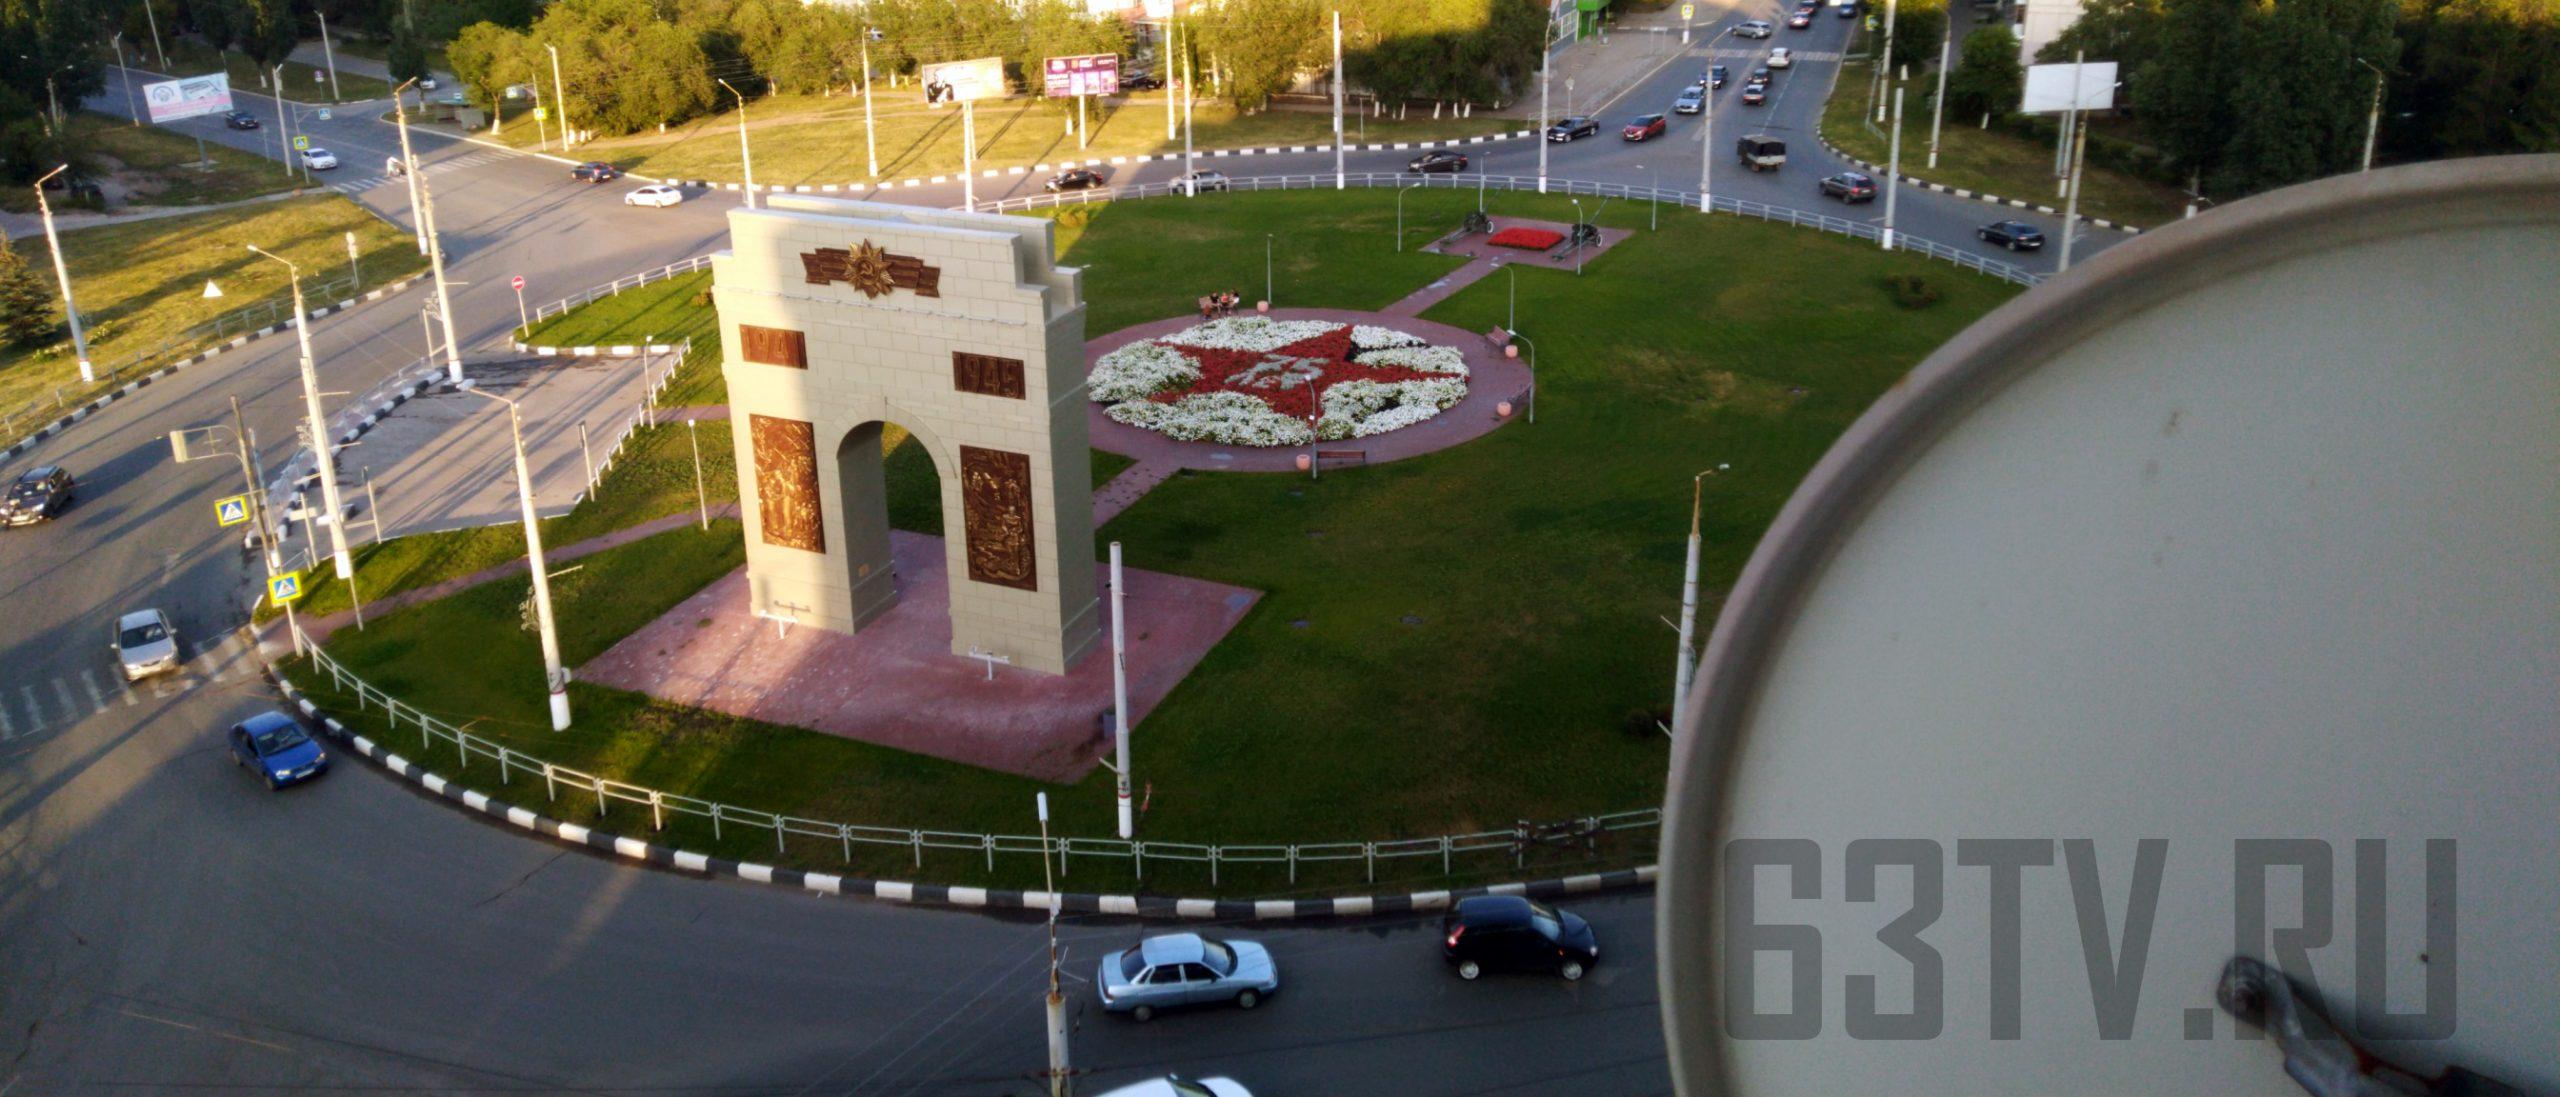 Спутниковая антенна в Новокуйбышевске